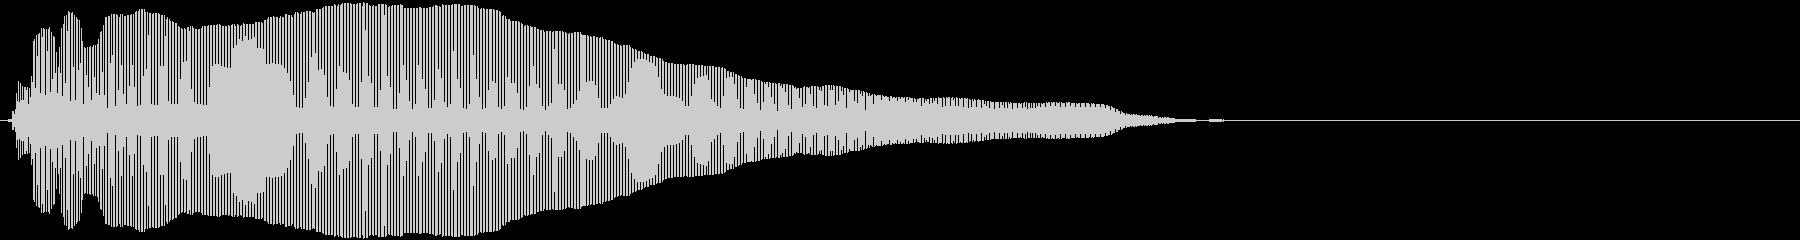 トロンボーン:WOW ACCENT...の未再生の波形